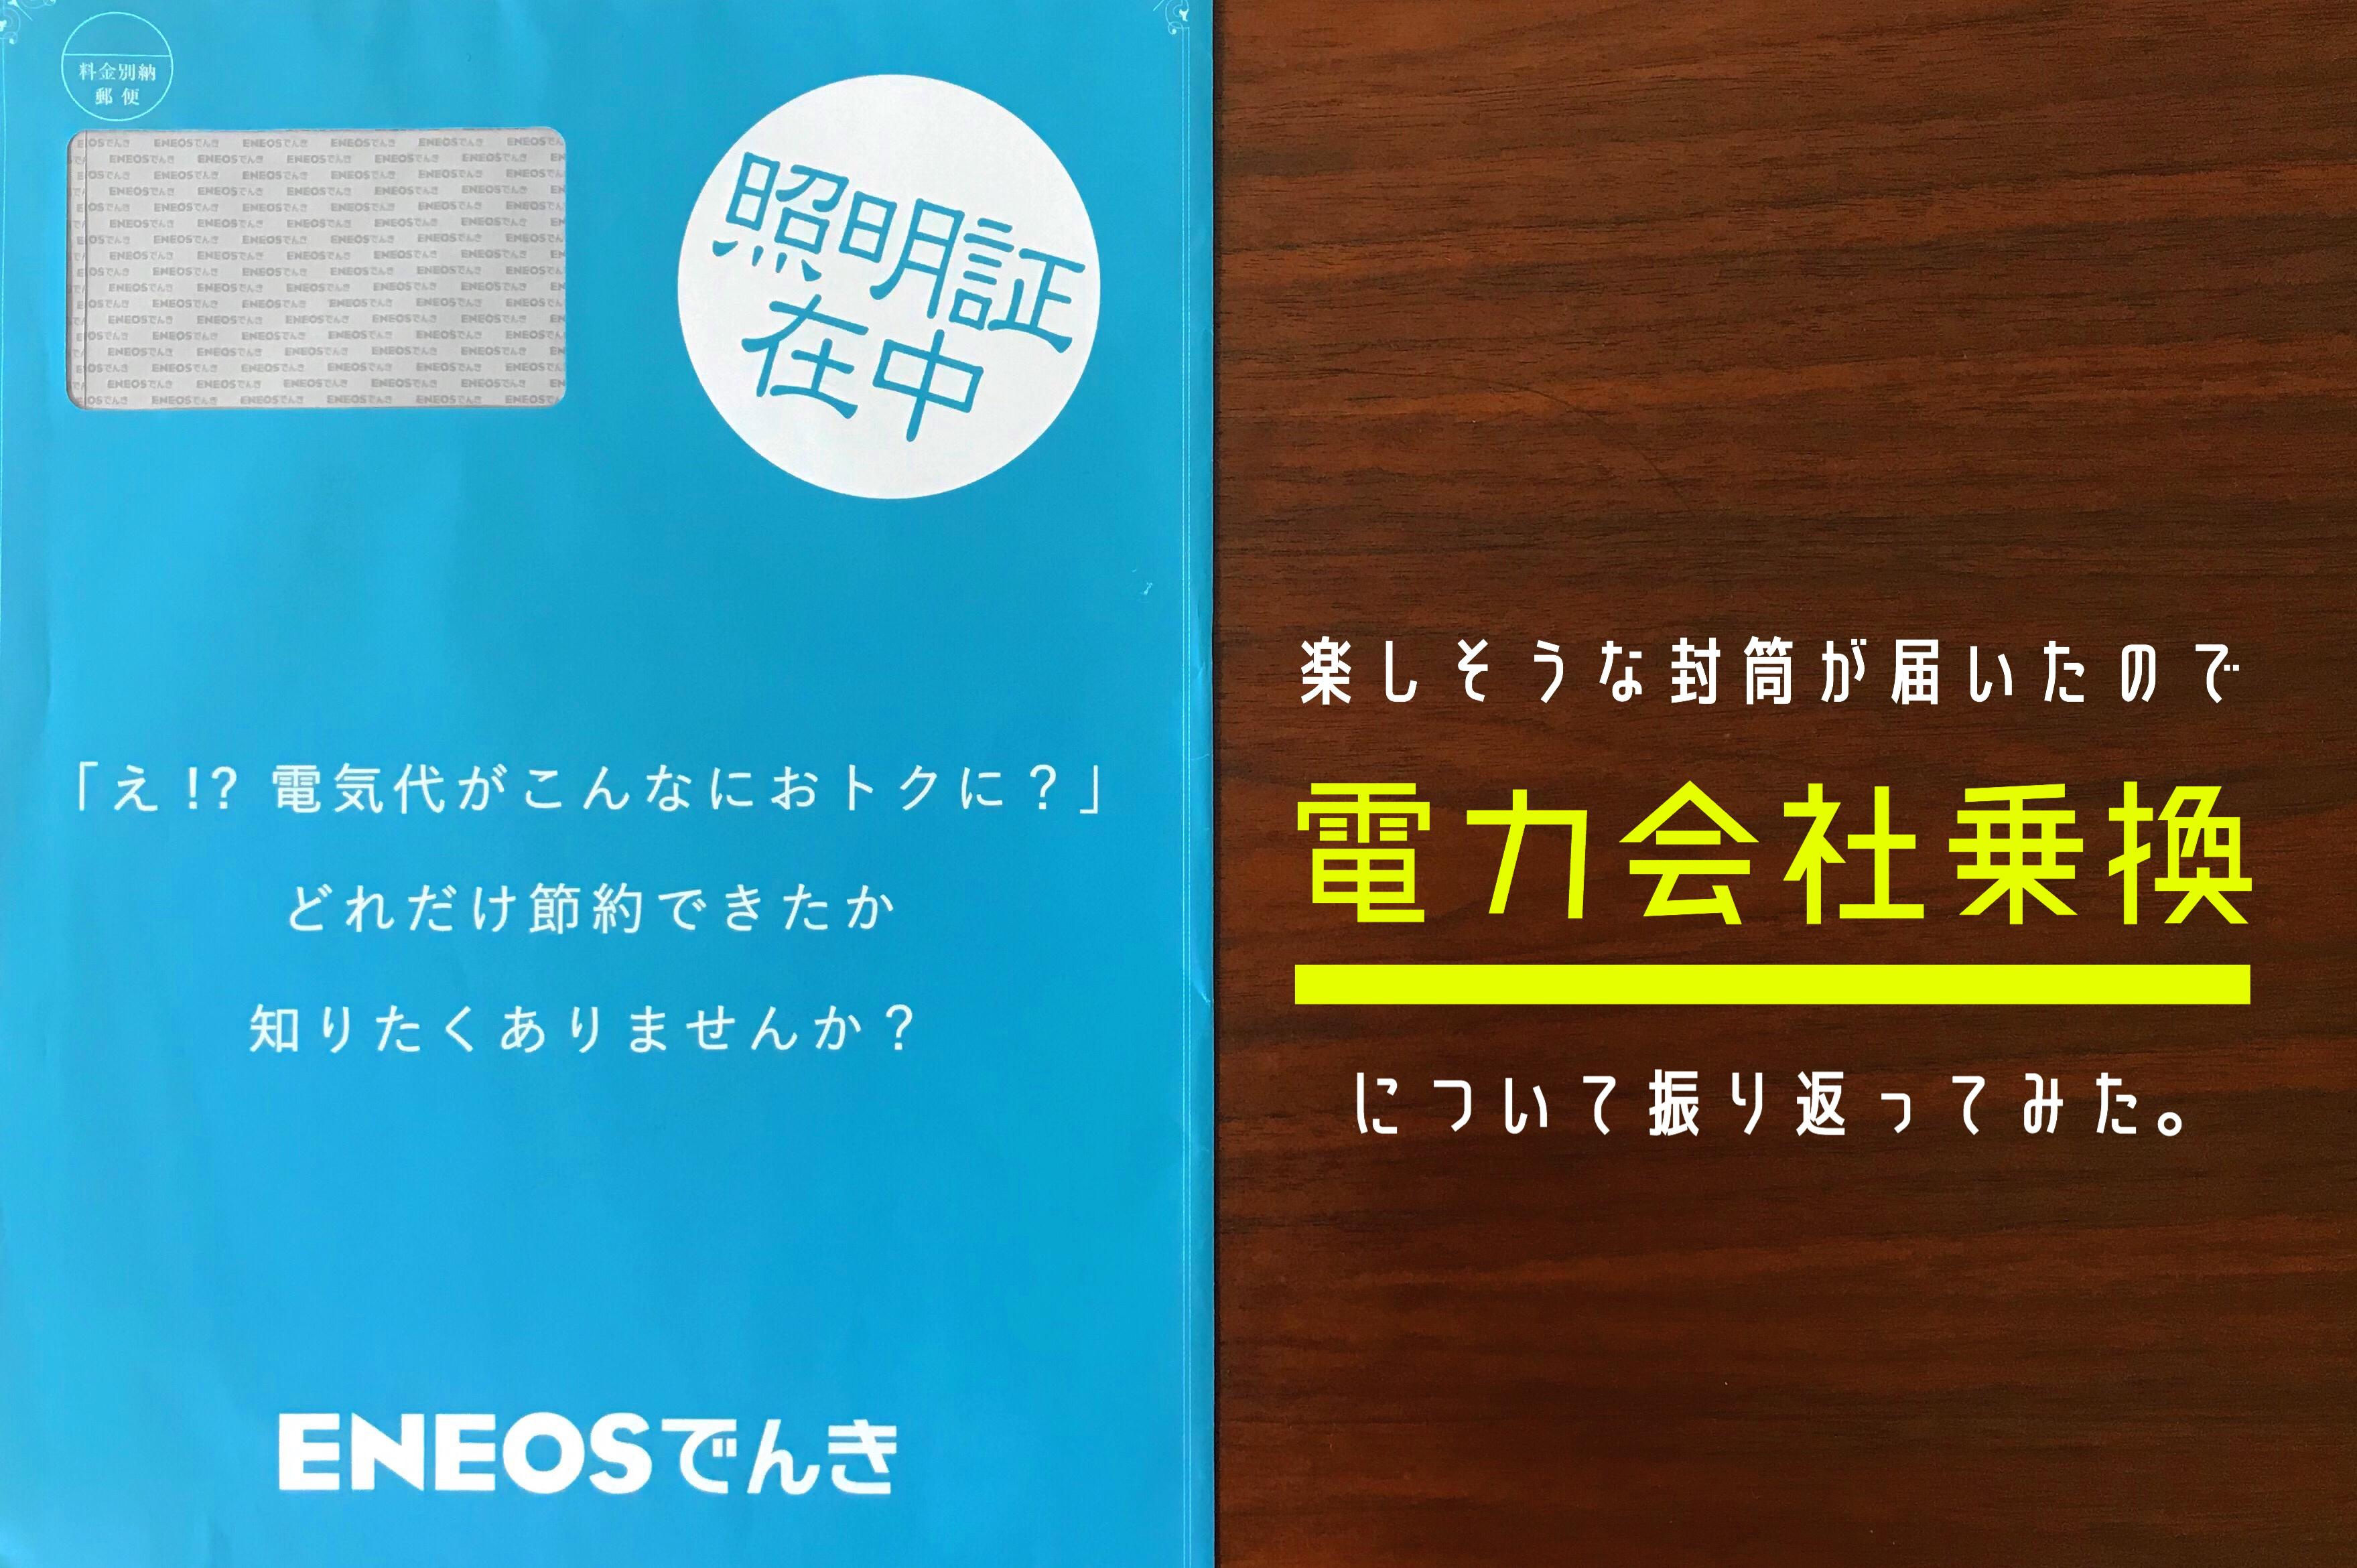 ENEOSでんきで月6000円お得になった!我が家の電力会社乗り換えを振り返りました。